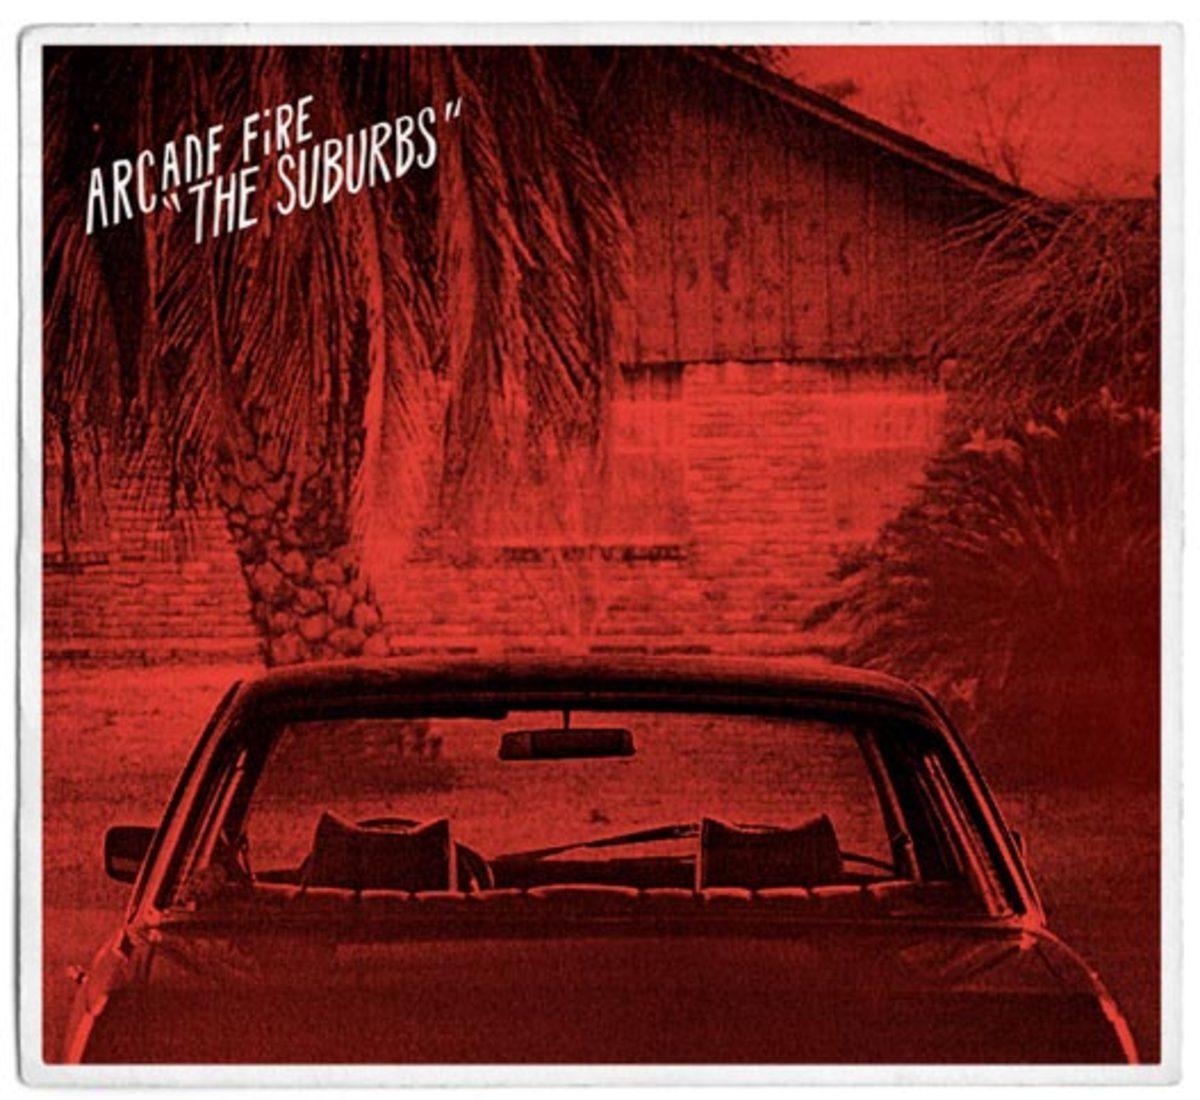 Arcade Fire The Suburbs